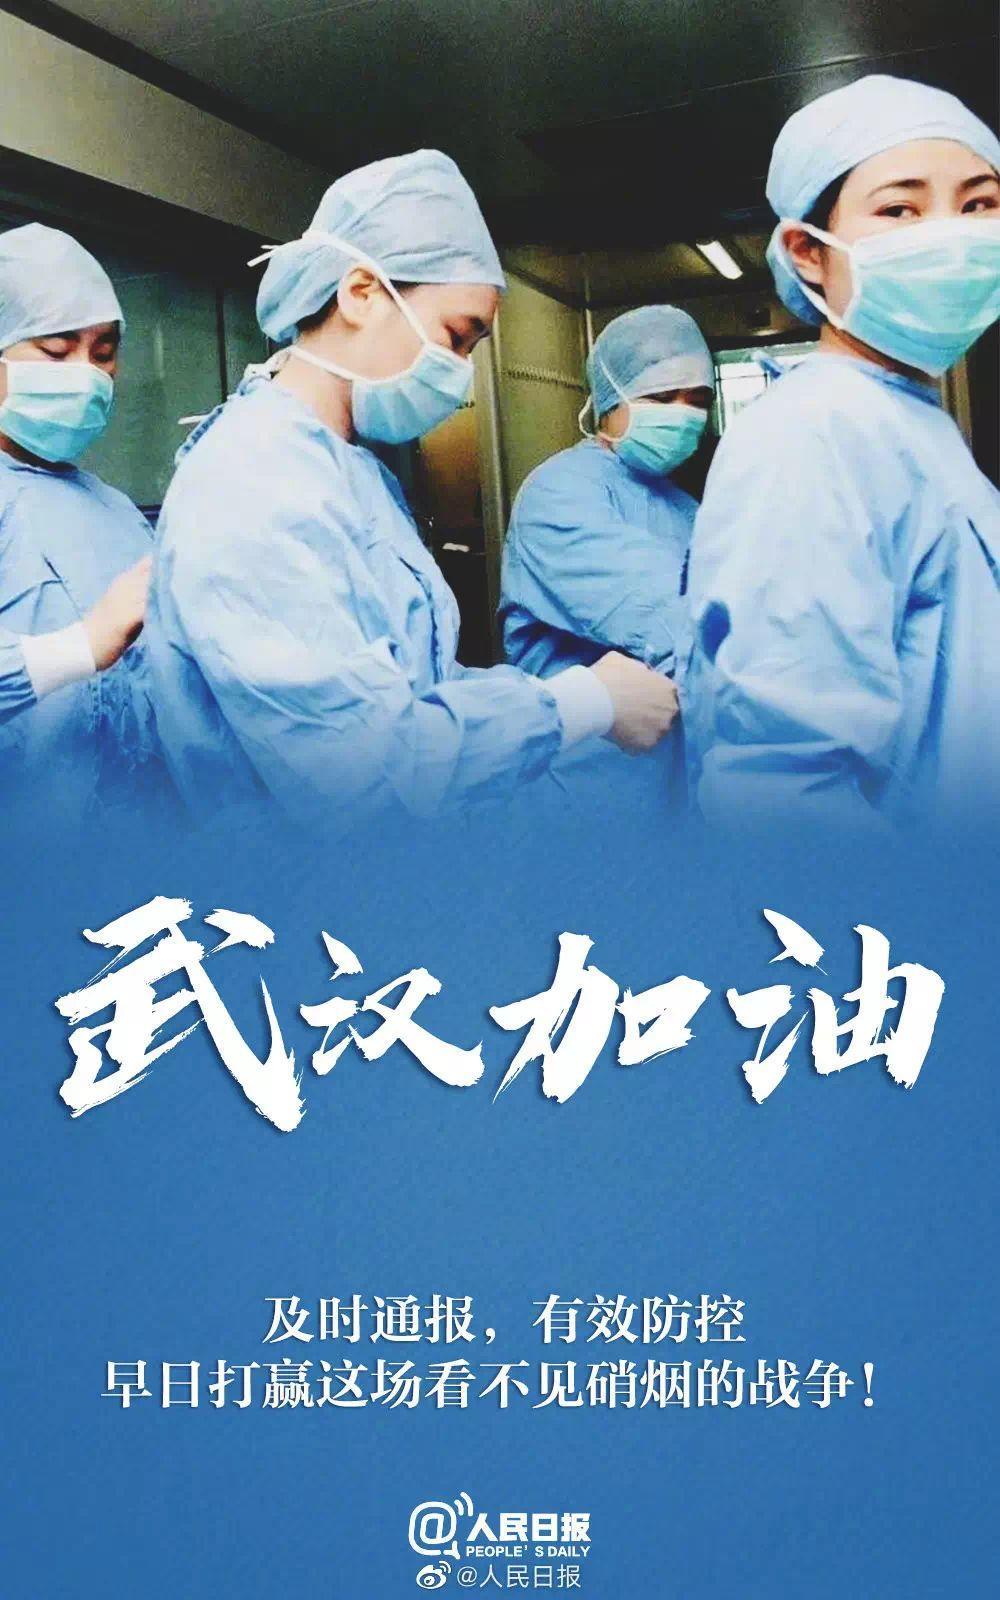 美国公共卫生机构联合召开新闻发布会: 通报武汉冠状病毒疫情